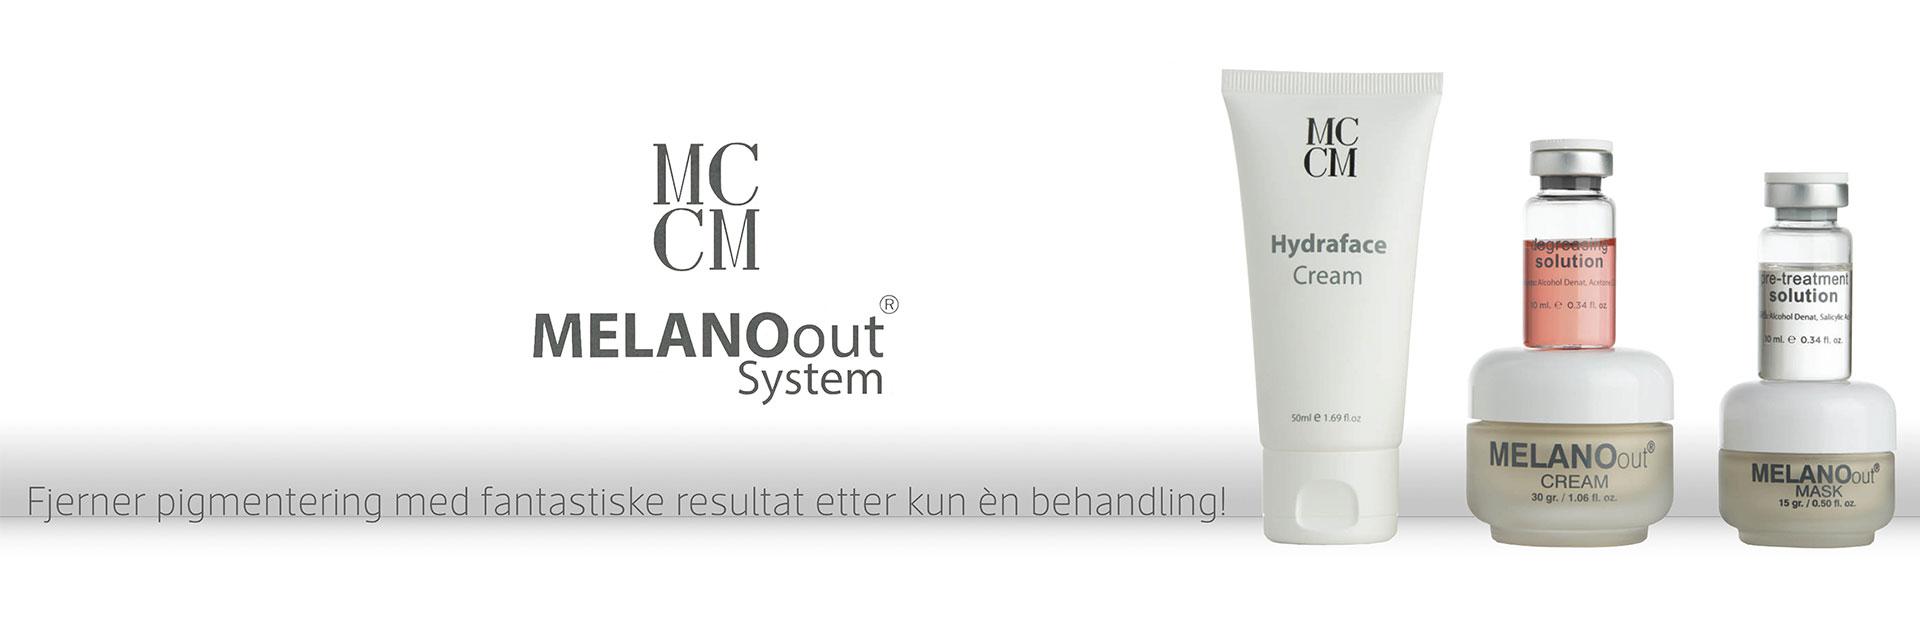 MELANOout